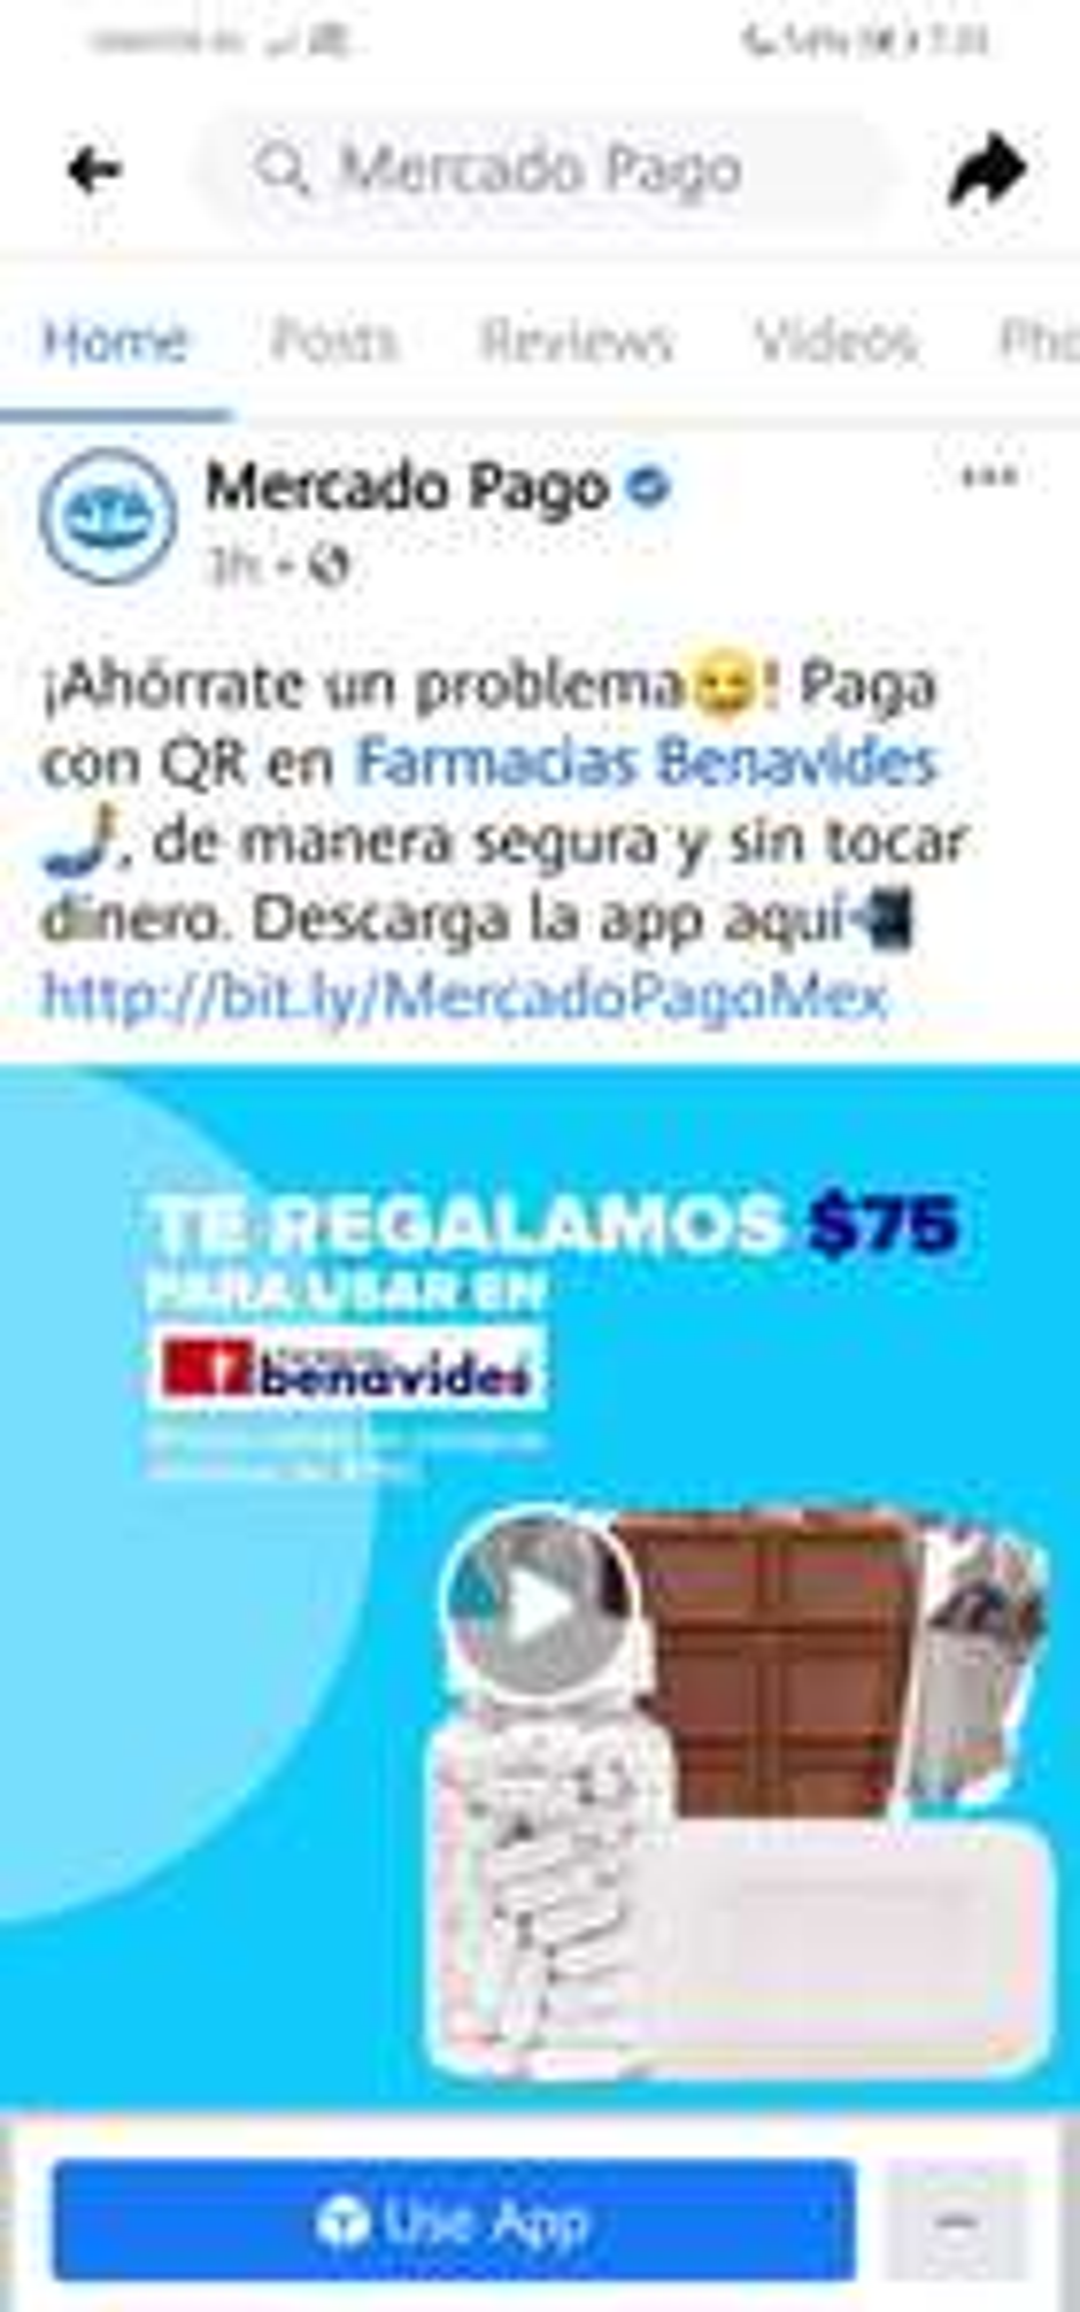 Descuento de $75 en Farmacias Benavides Pagando con Mercado Pago (3er Mes)